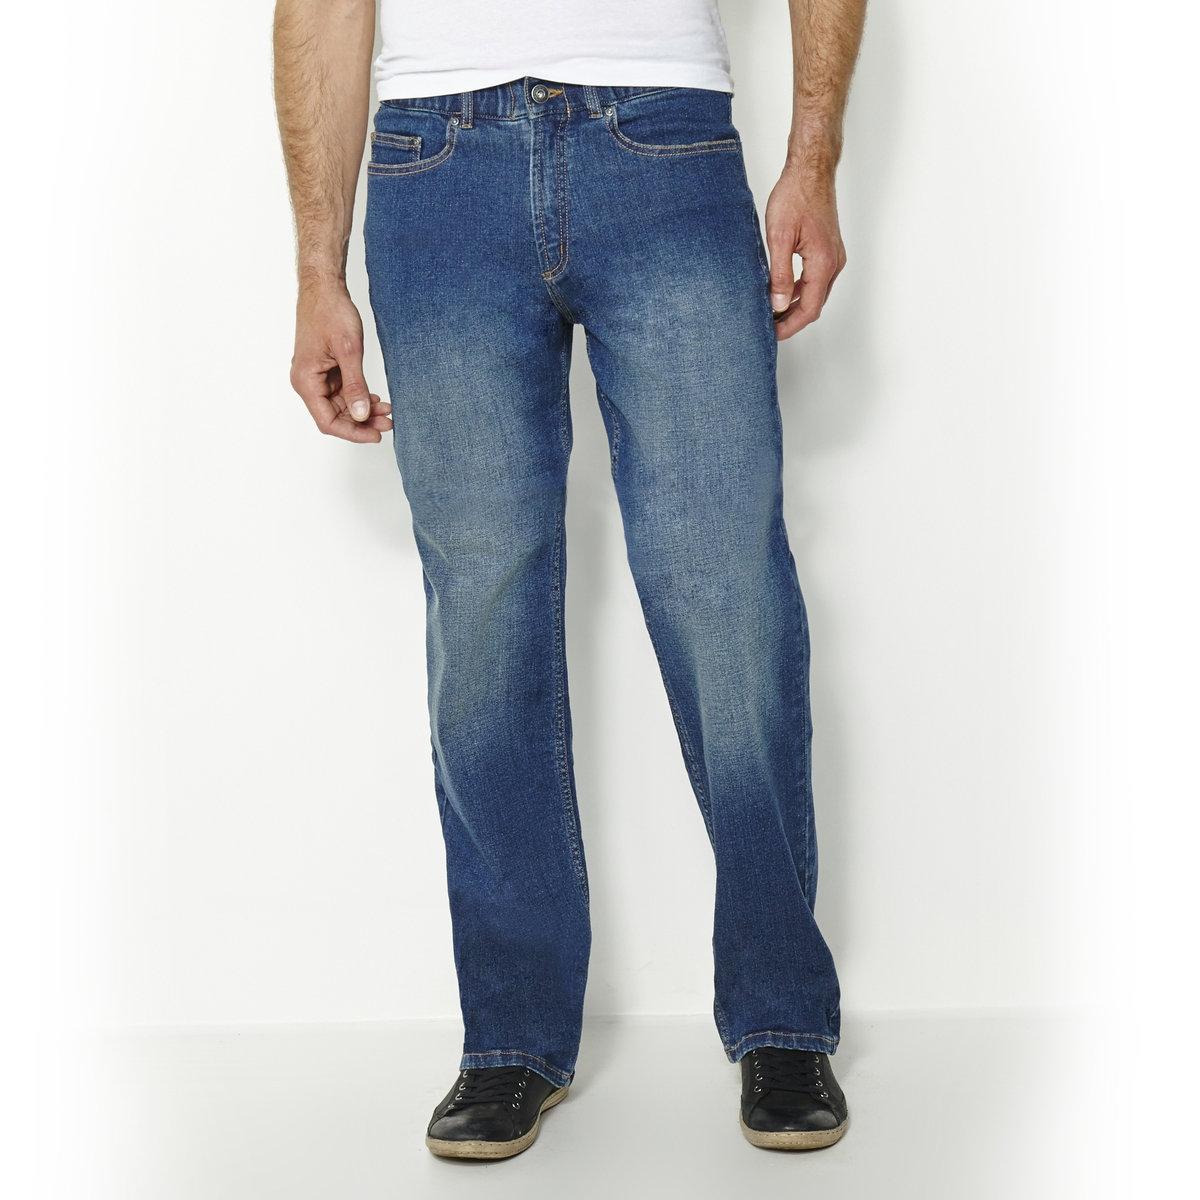 Джинсы комфортного покроя из денима стретч с эластичным поясом, длина 2 джинсы расклешенного покроя из денима стретч